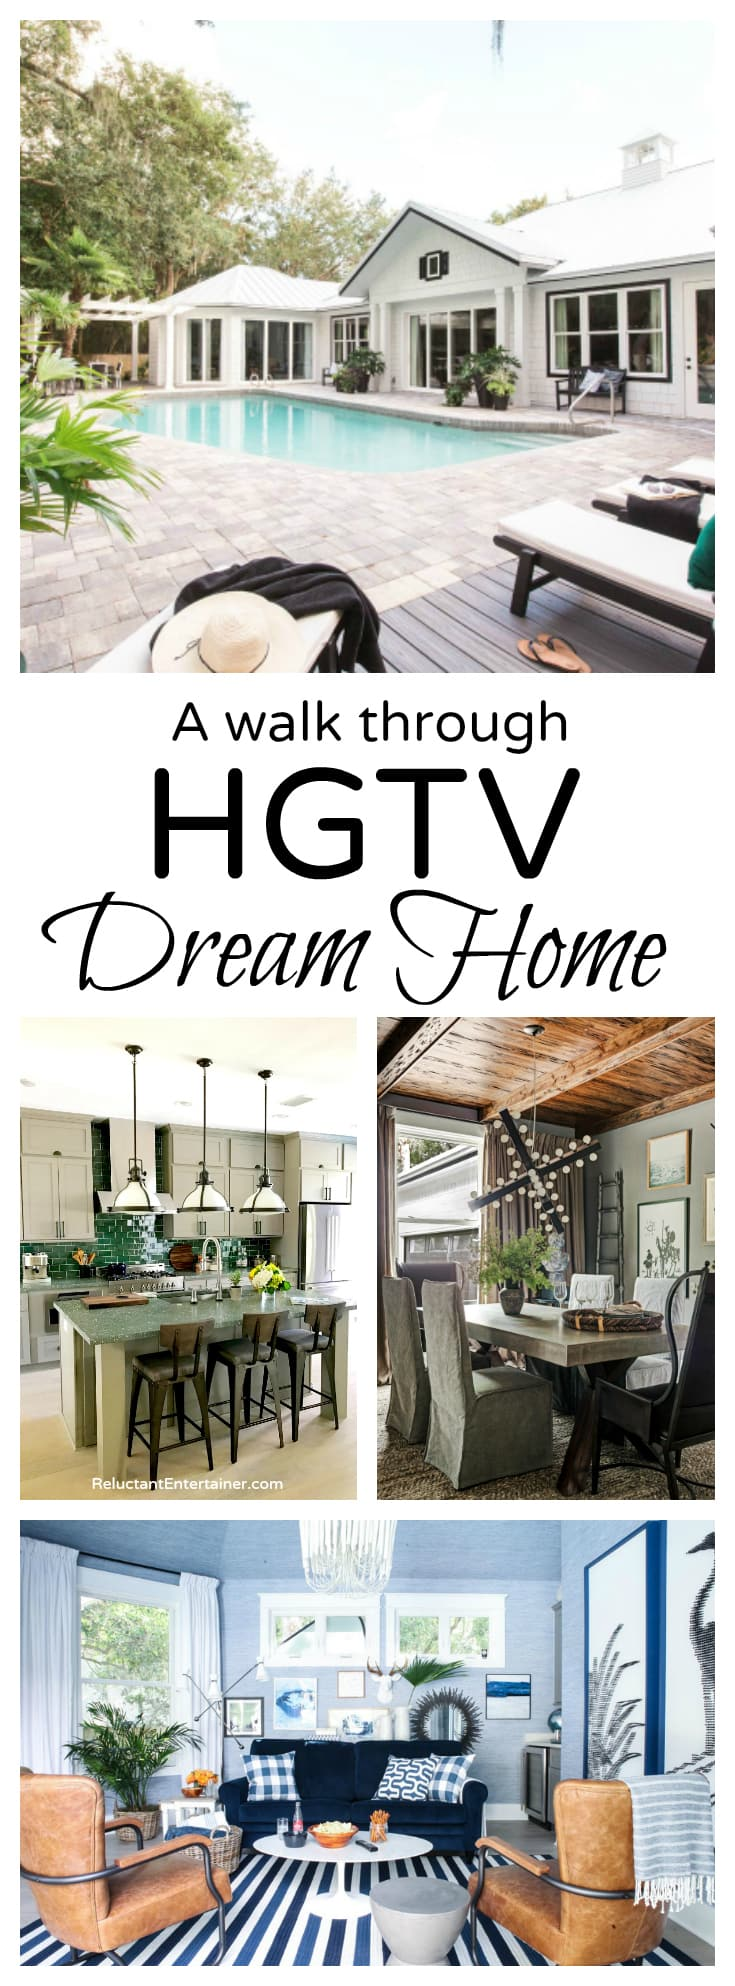 A Walk Through HGTV Dream Home 2017